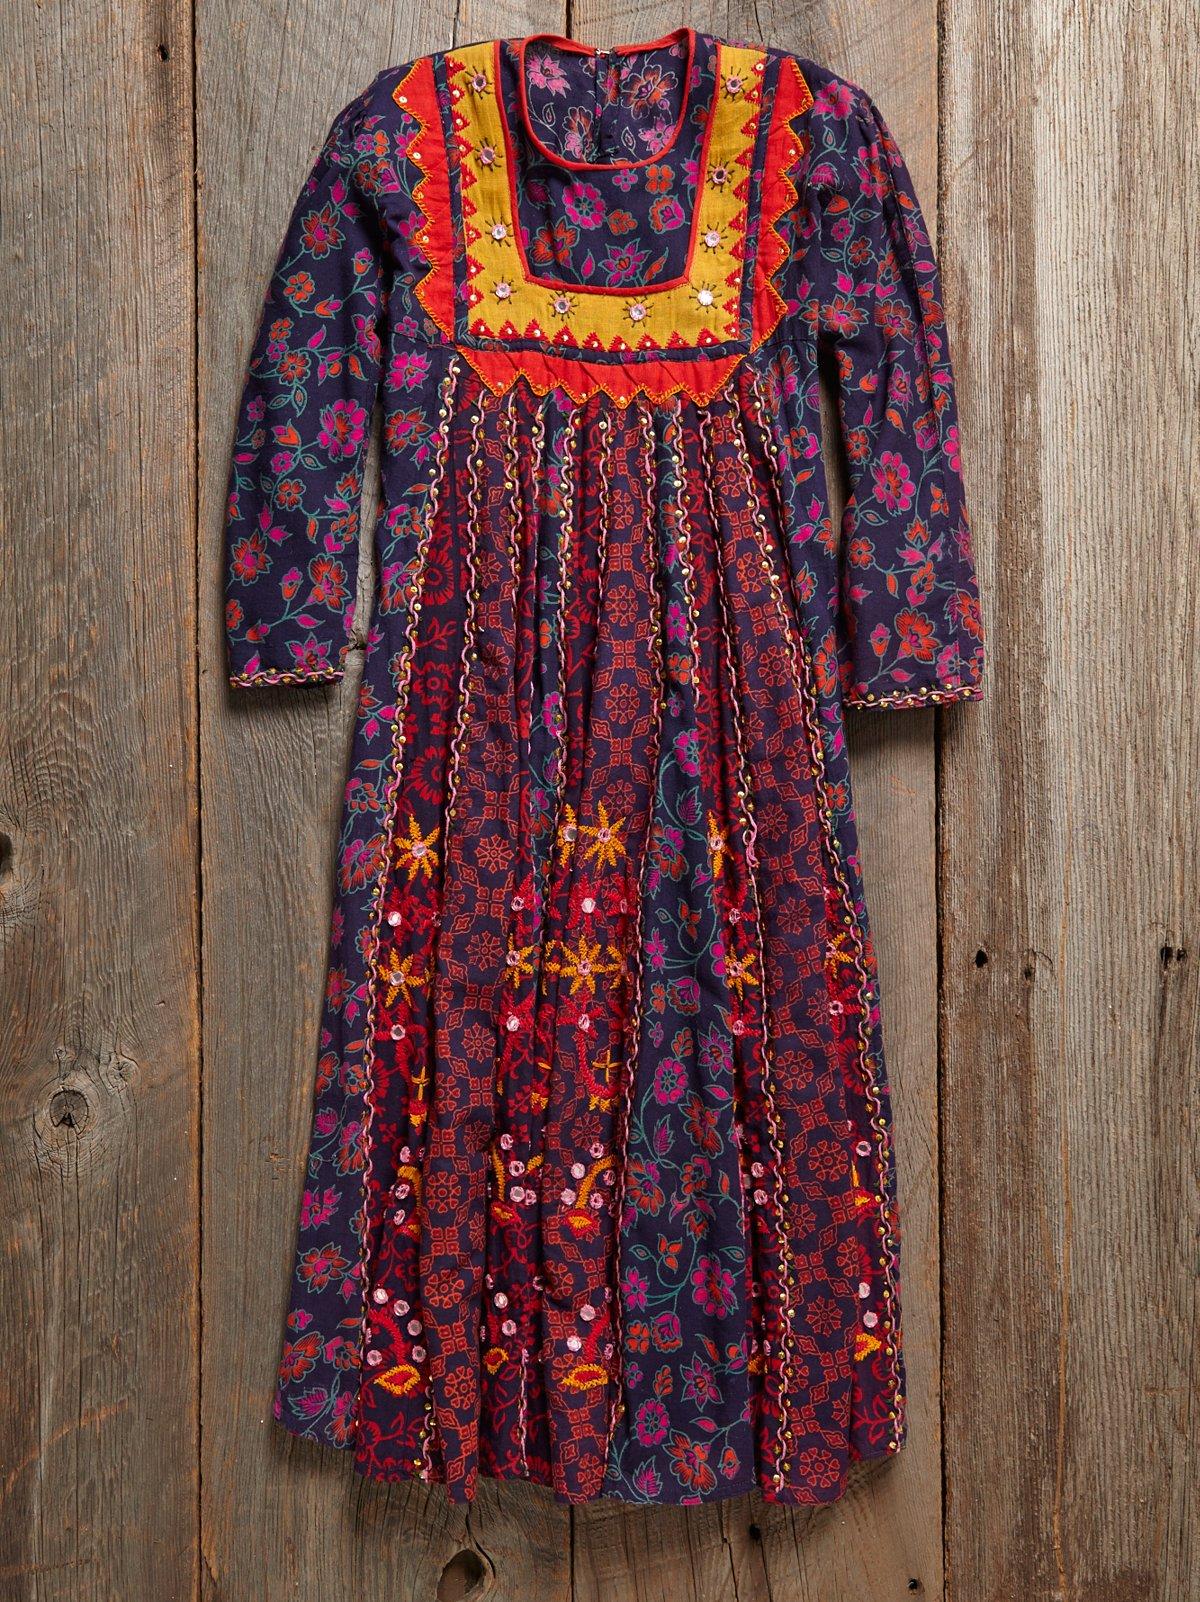 Vintage 1980s Printed Dress